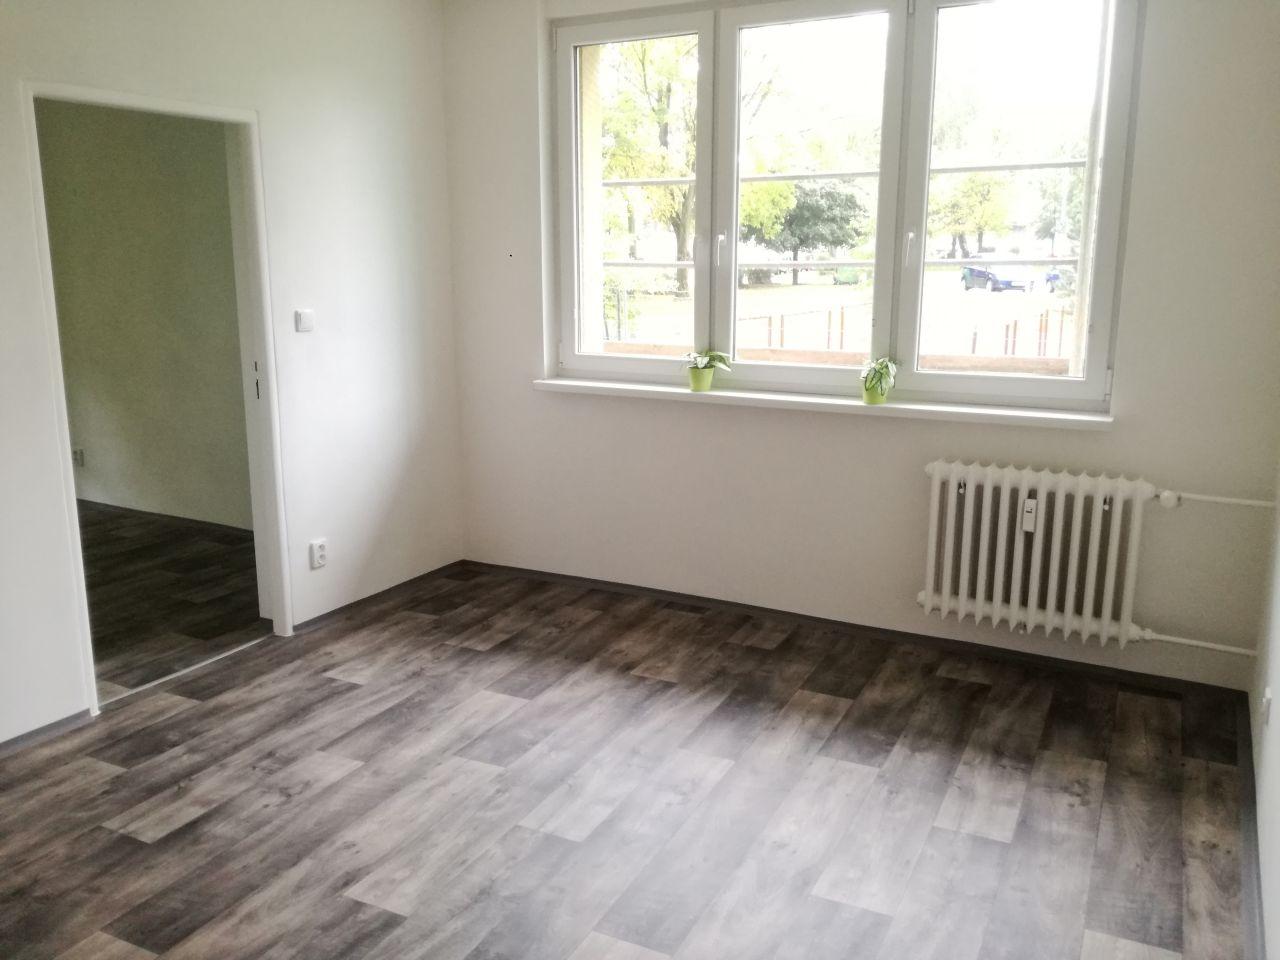 Pronájem bytu 2+1 53 m2, ul. Výškovická 2549/102, Ostrava - Zábřeh